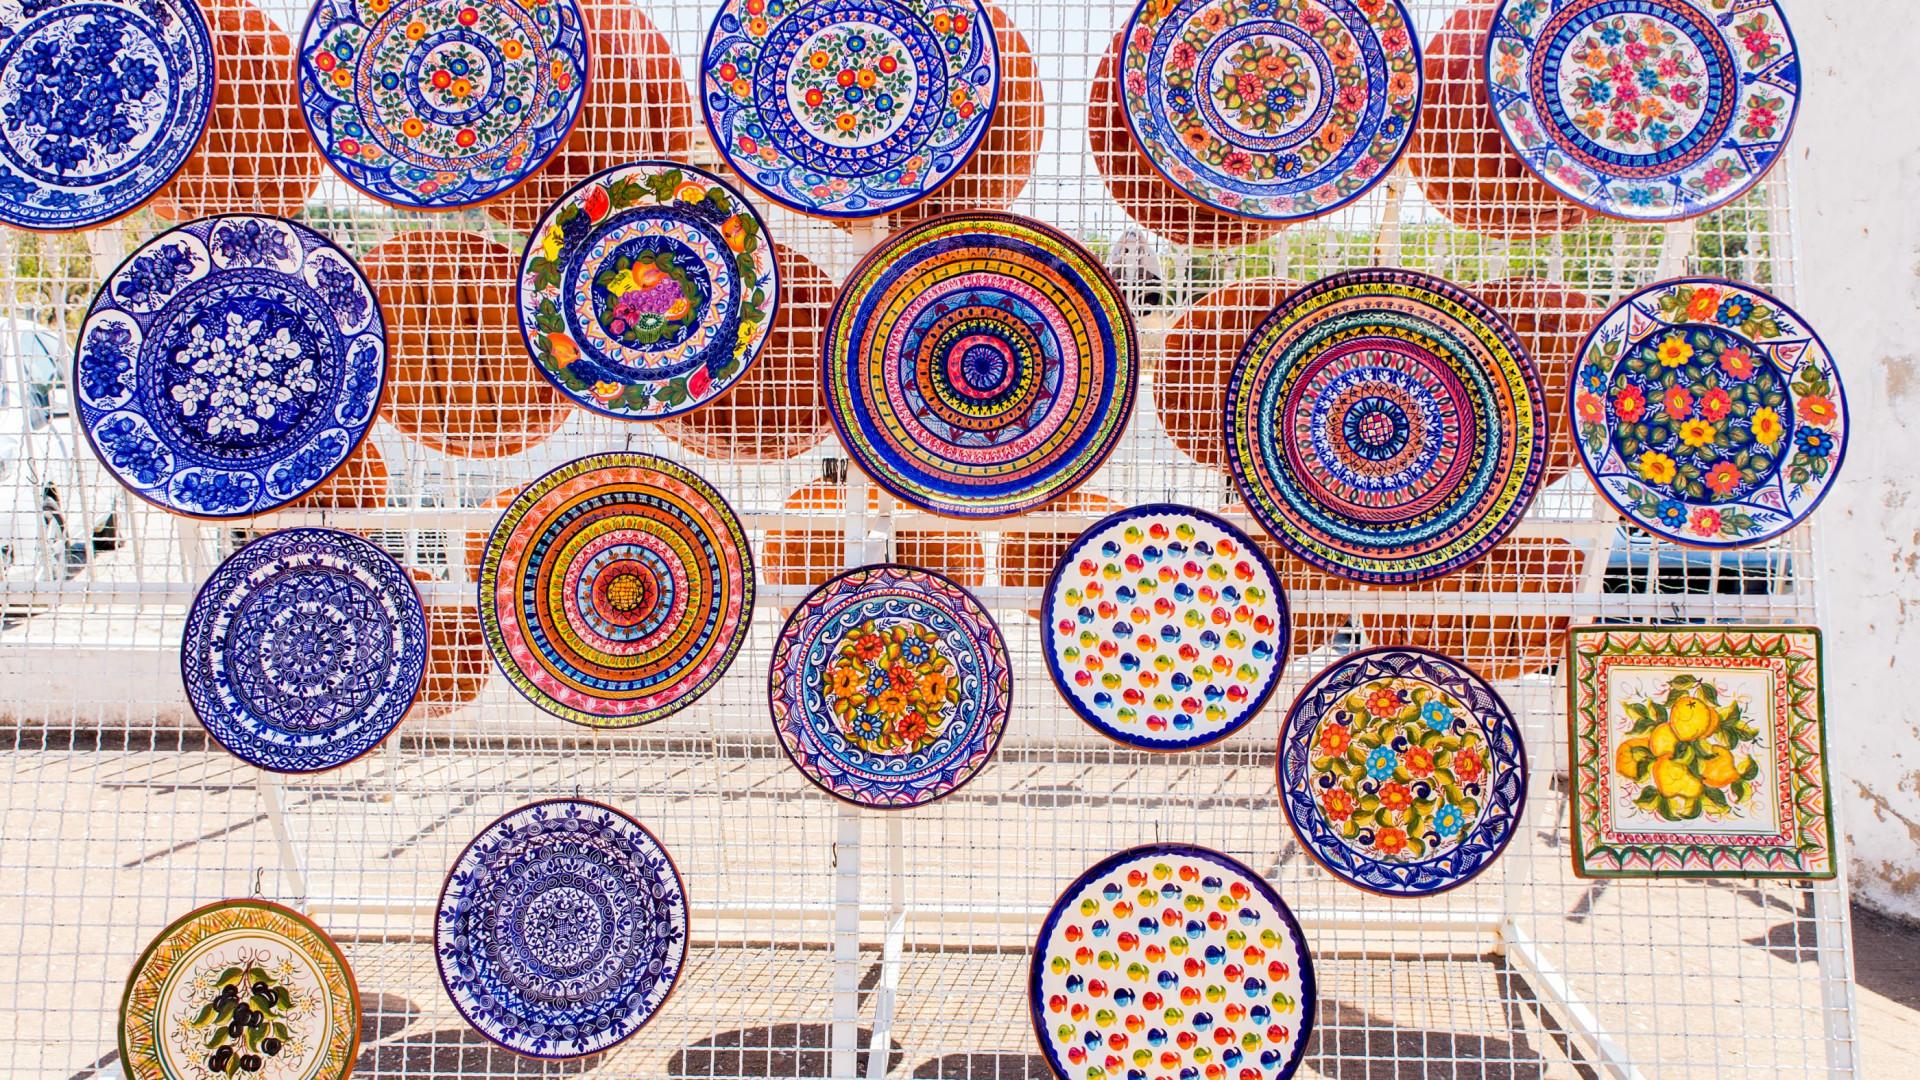 Cerca de 70 expositores promovem artesanato em Miranda do Douro